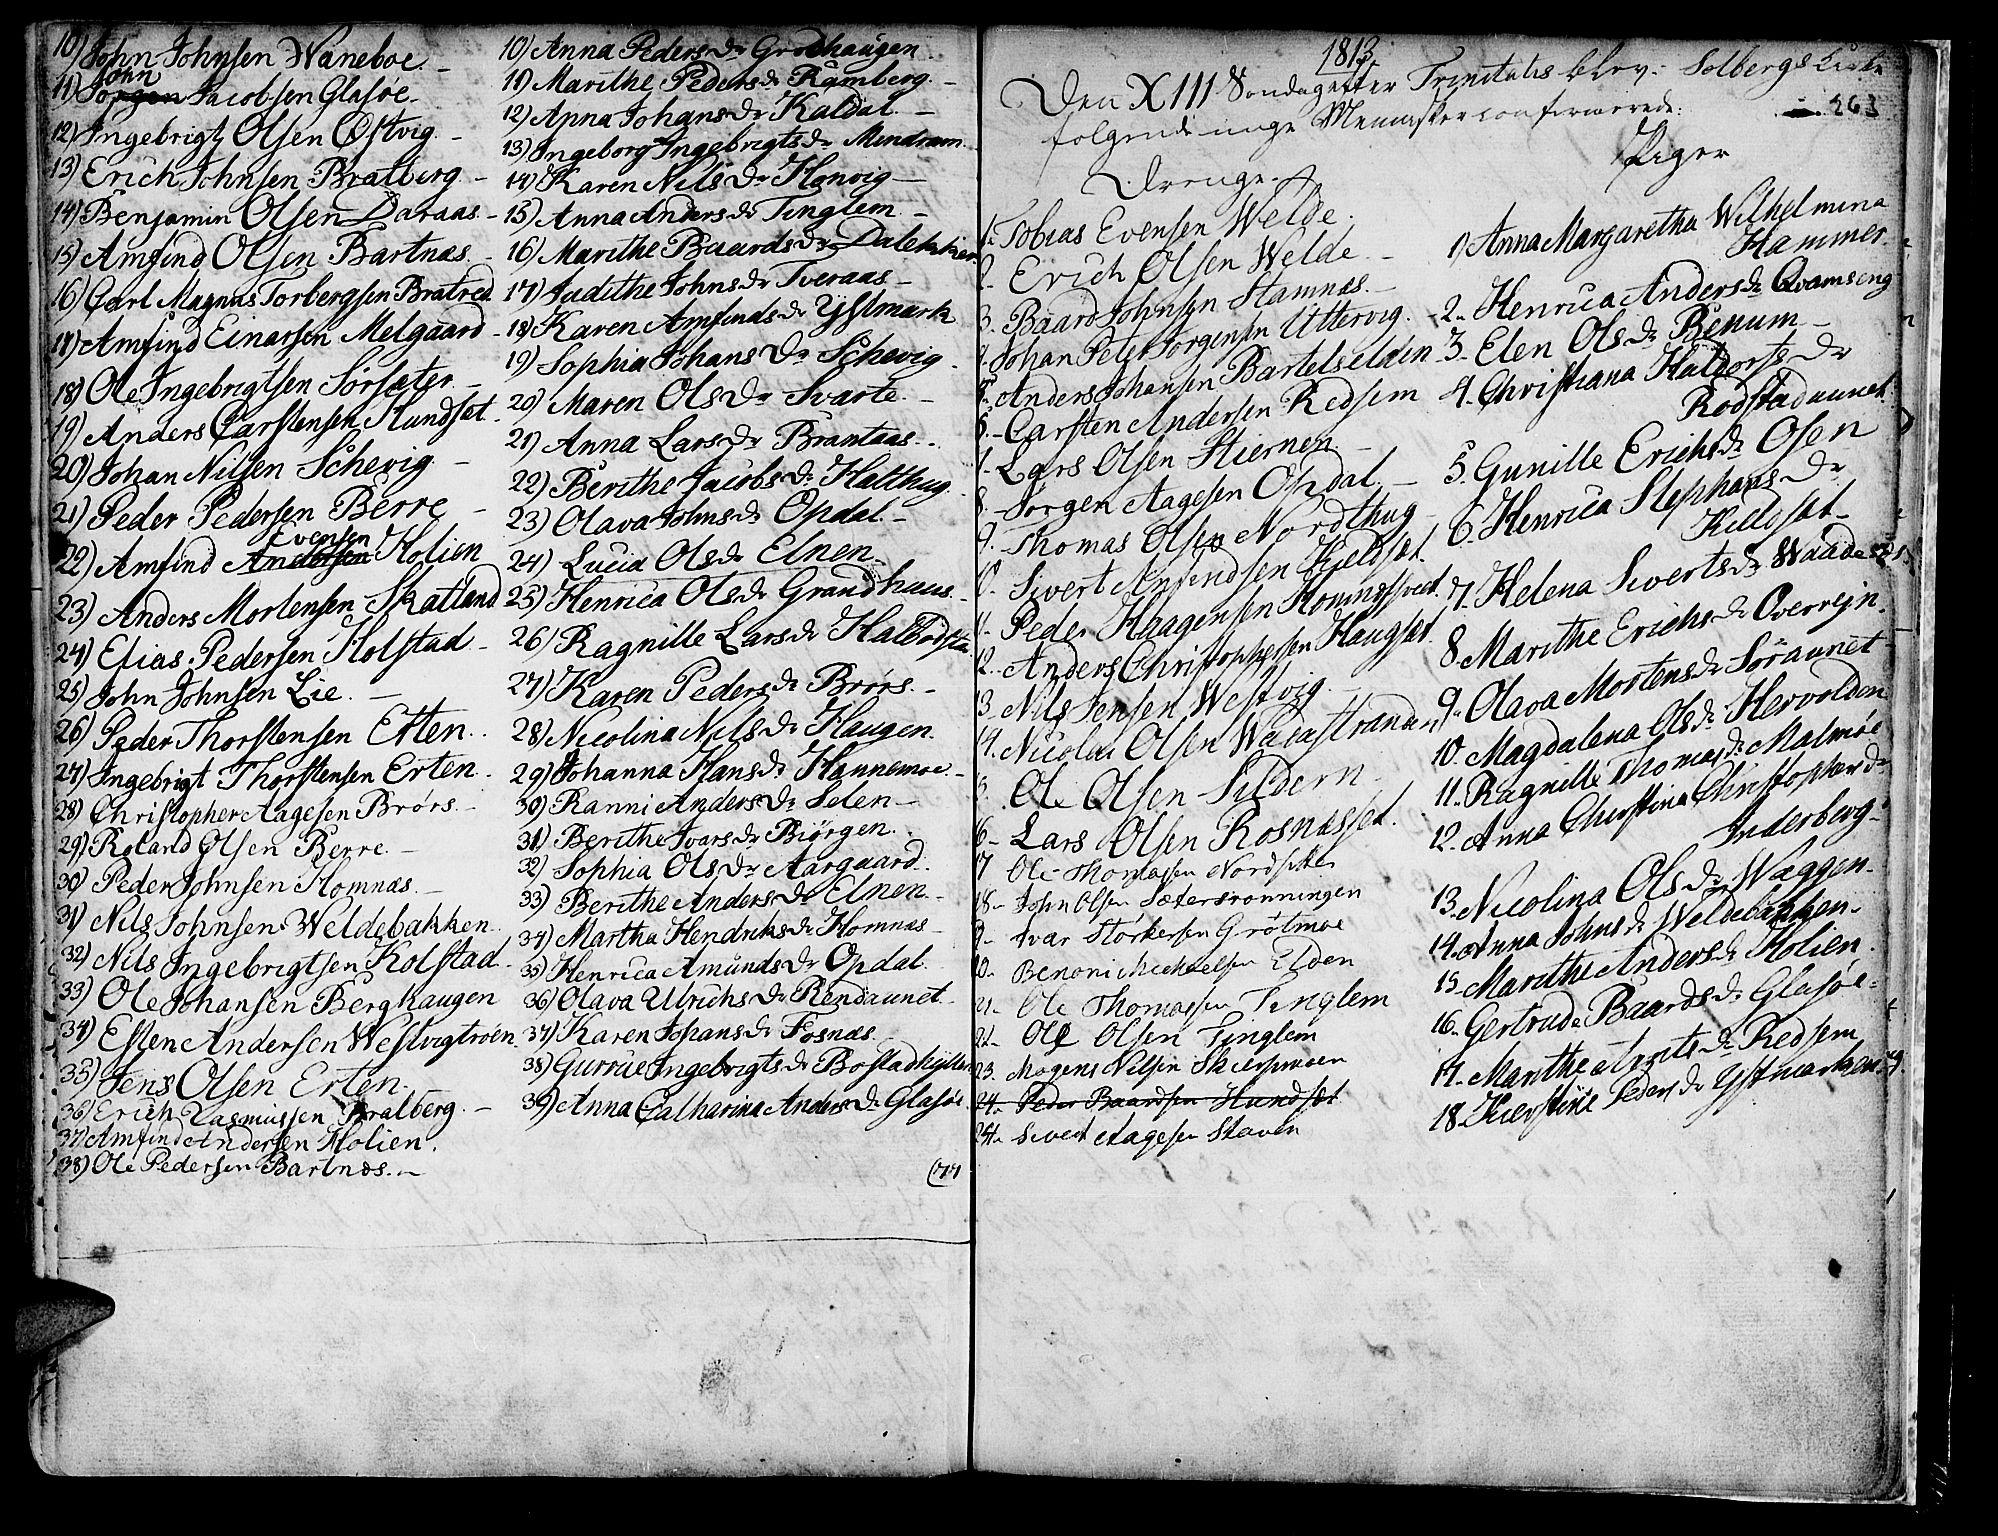 SAT, Ministerialprotokoller, klokkerbøker og fødselsregistre - Nord-Trøndelag, 741/L0385: Ministerialbok nr. 741A01, 1722-1815, s. 263